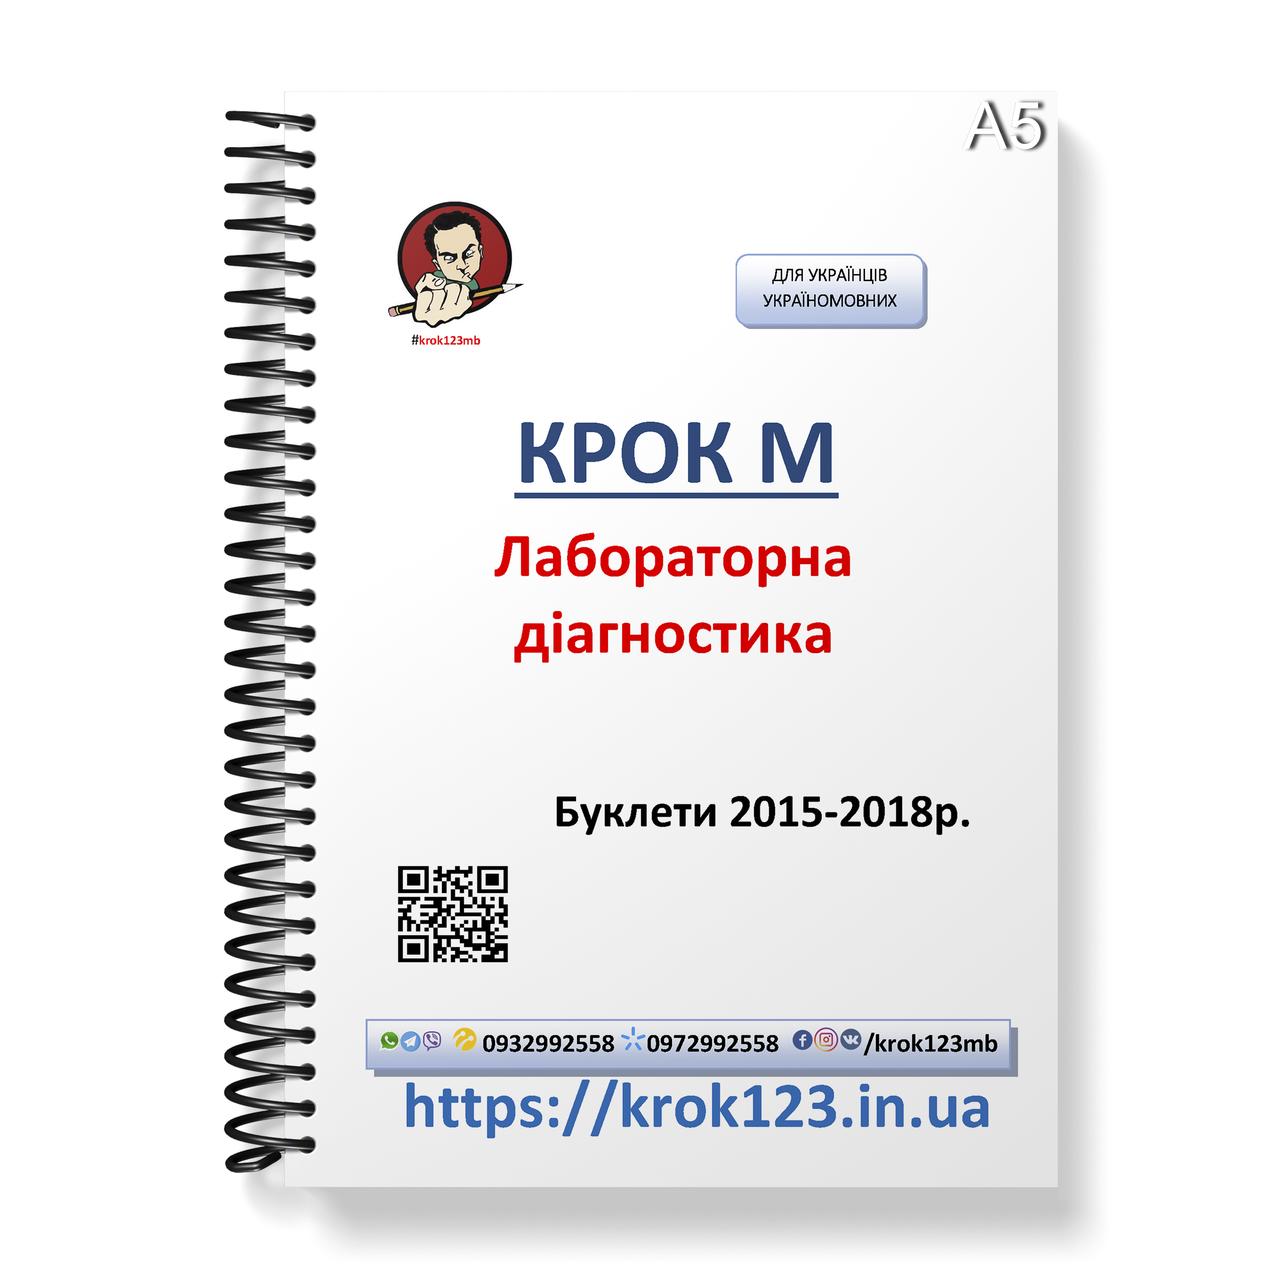 Крок М. Лабораторная диагностика. Буклеты 2015-2018 . Для украинцев украиноязычных. Формат А5